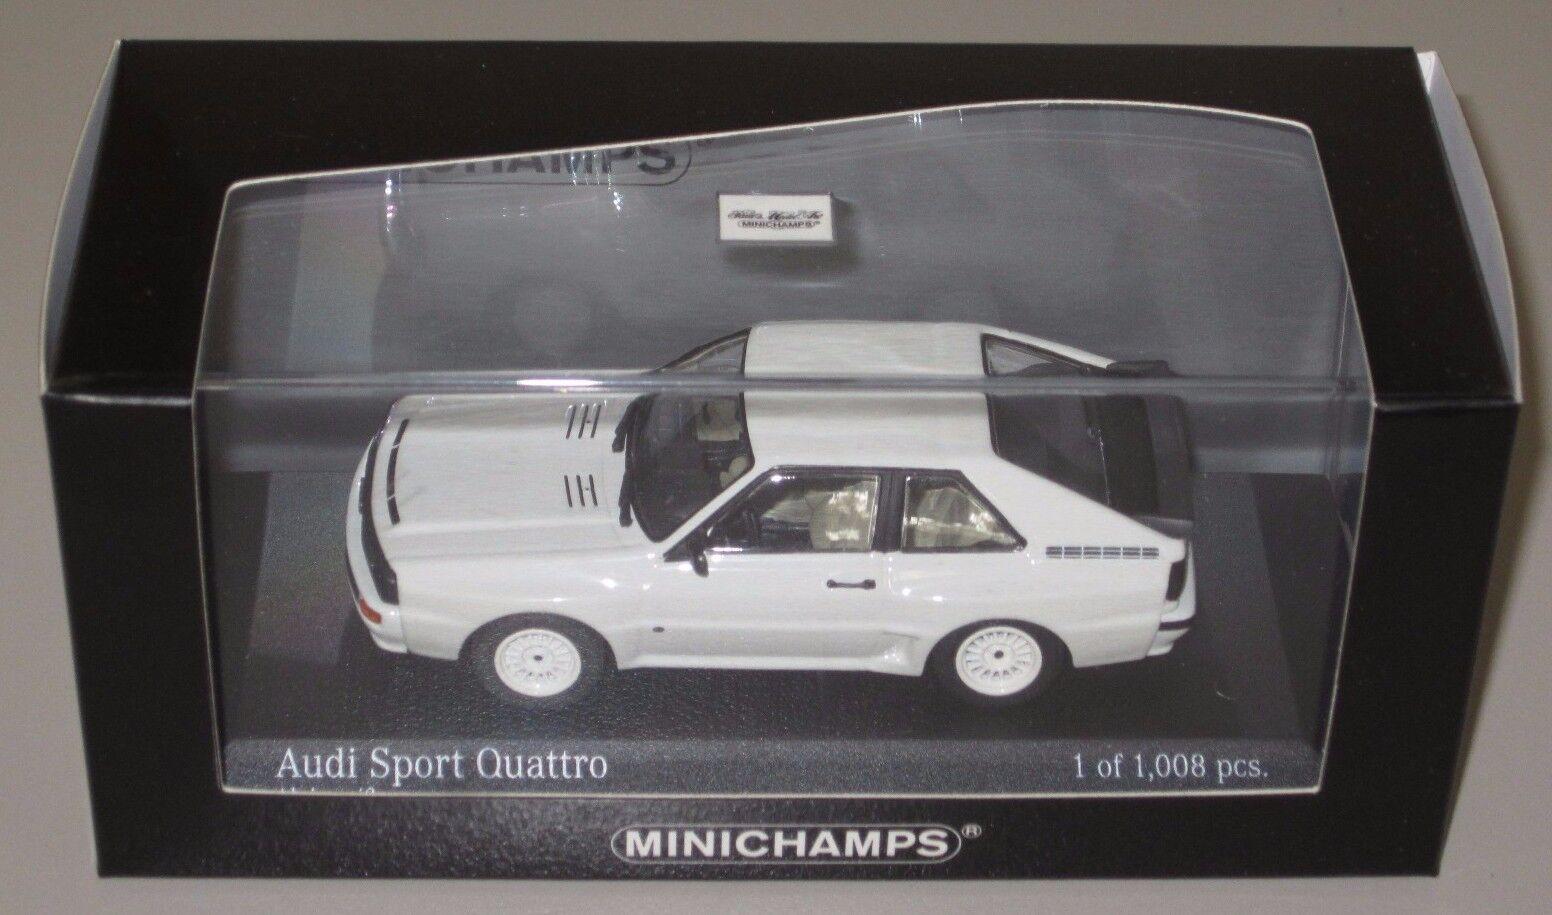 Auto Modell Audi Sport Quattro alpine white 1 43 von 1984 NEU OVP 1 43 Minichamps